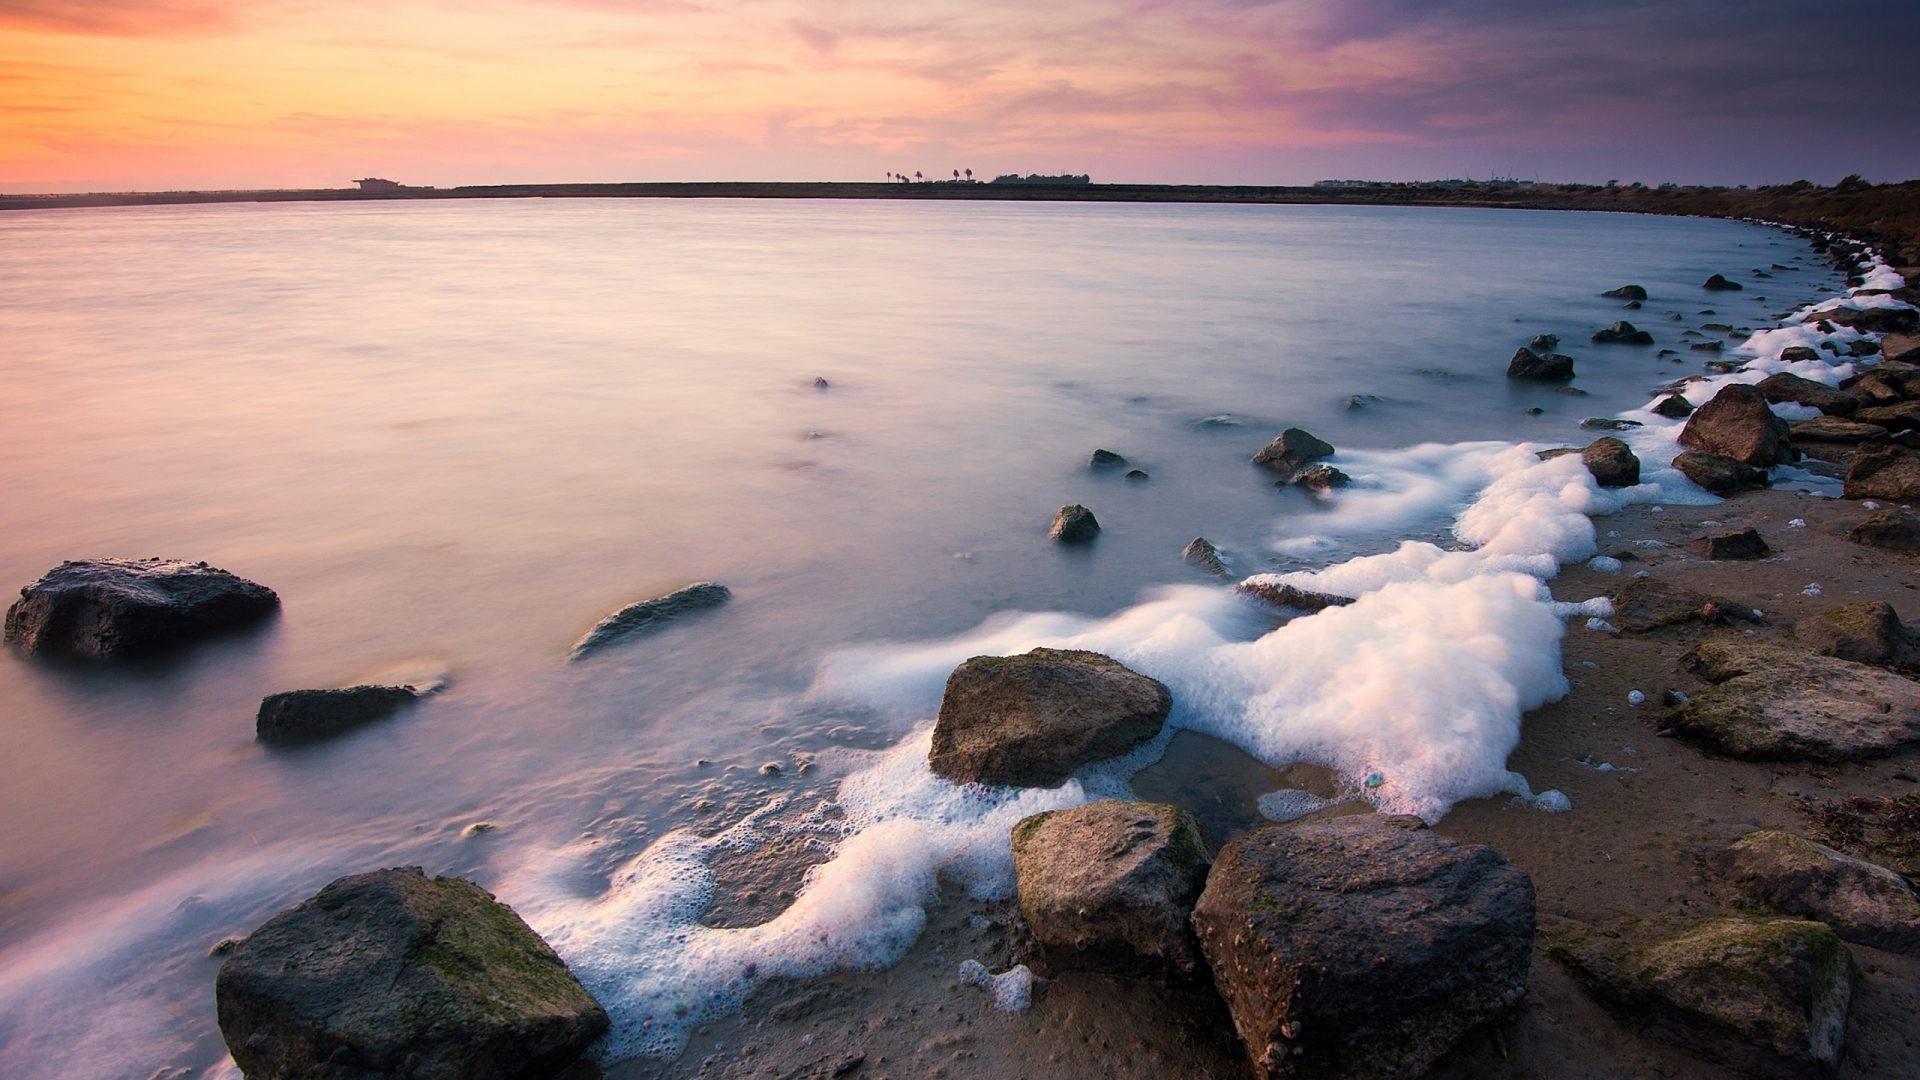 Beaches – Surface Tension Foam Beach Photo for HD 16:9 High Definition  1080p 900p